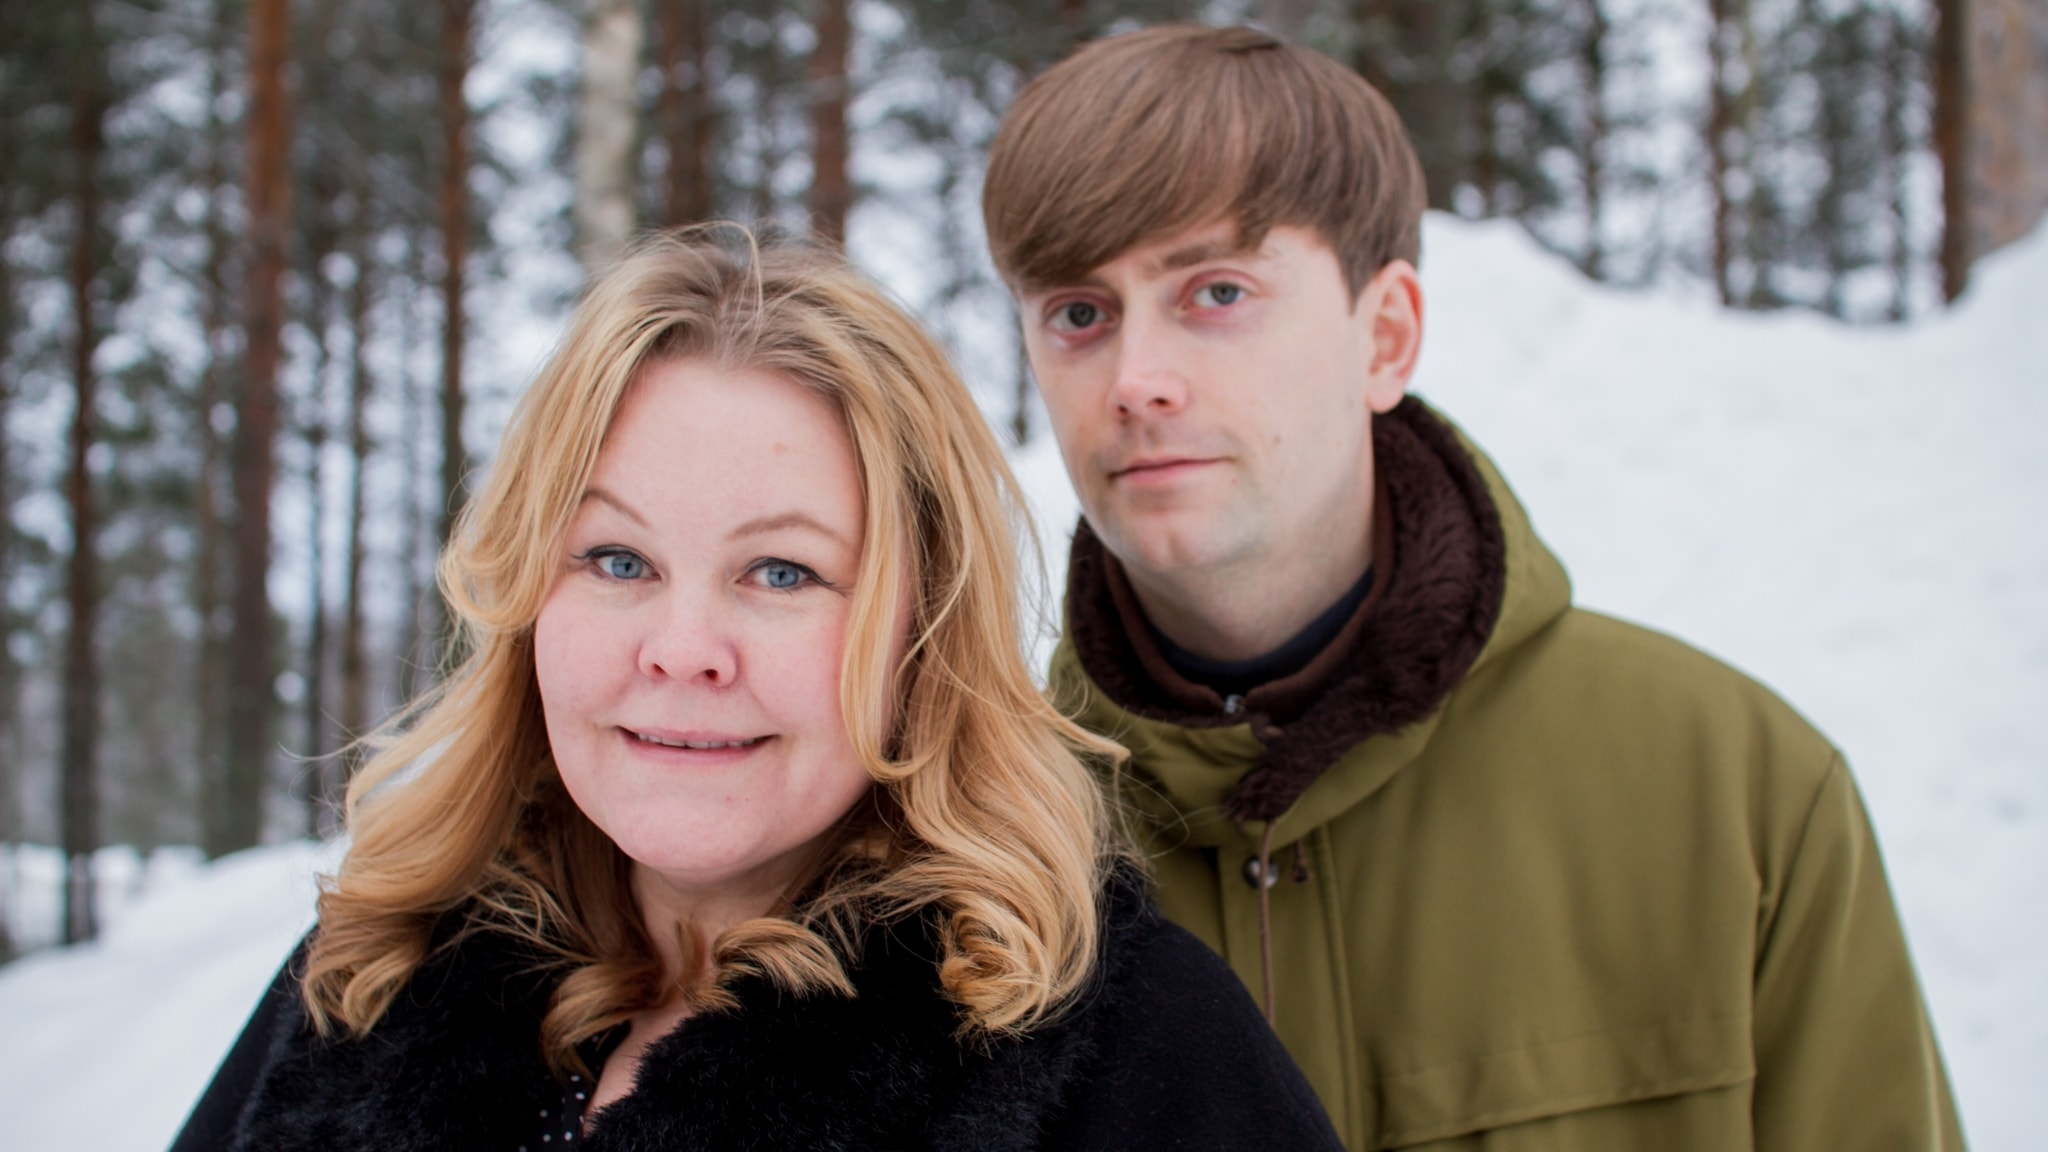 Erica Dahlgren och Olov Antonsson utomhus med snö och träd i bakgrunden